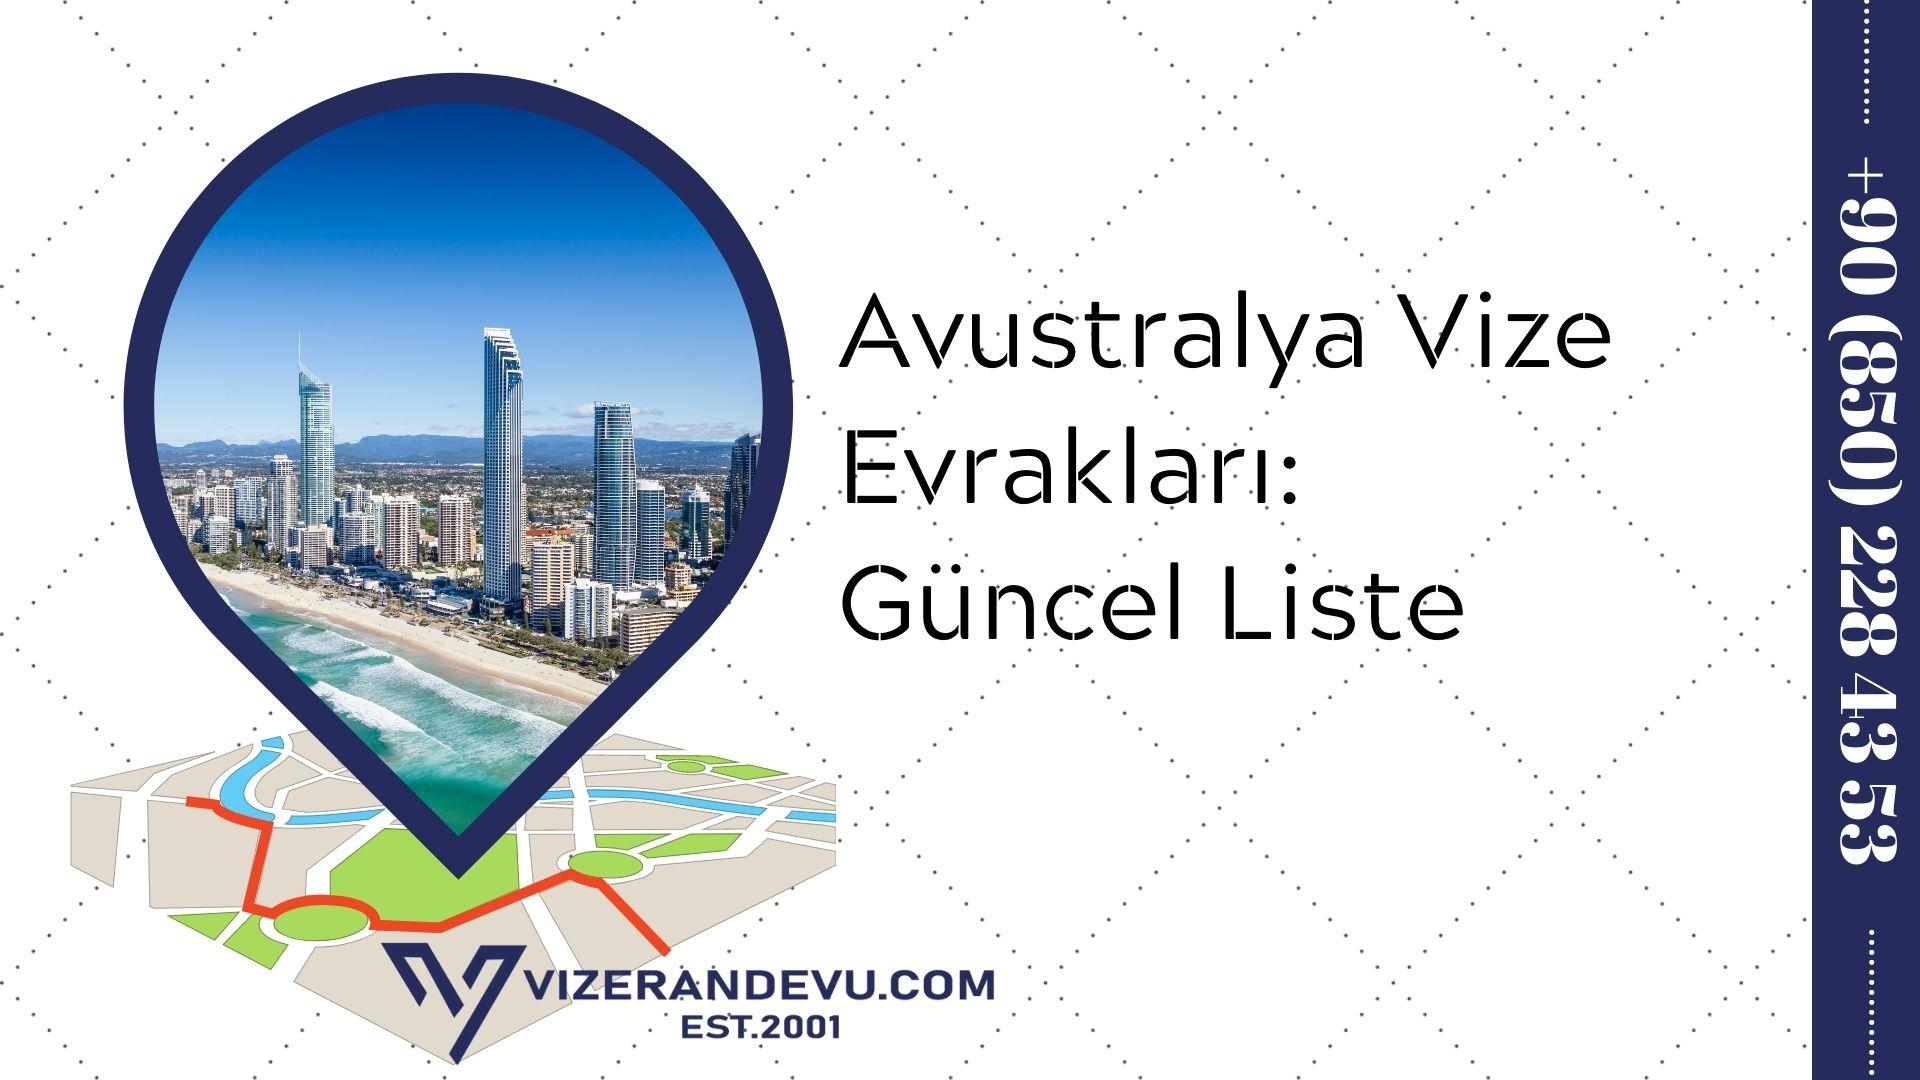 Avustralya Vize Evrakları: Güncel Liste 2021